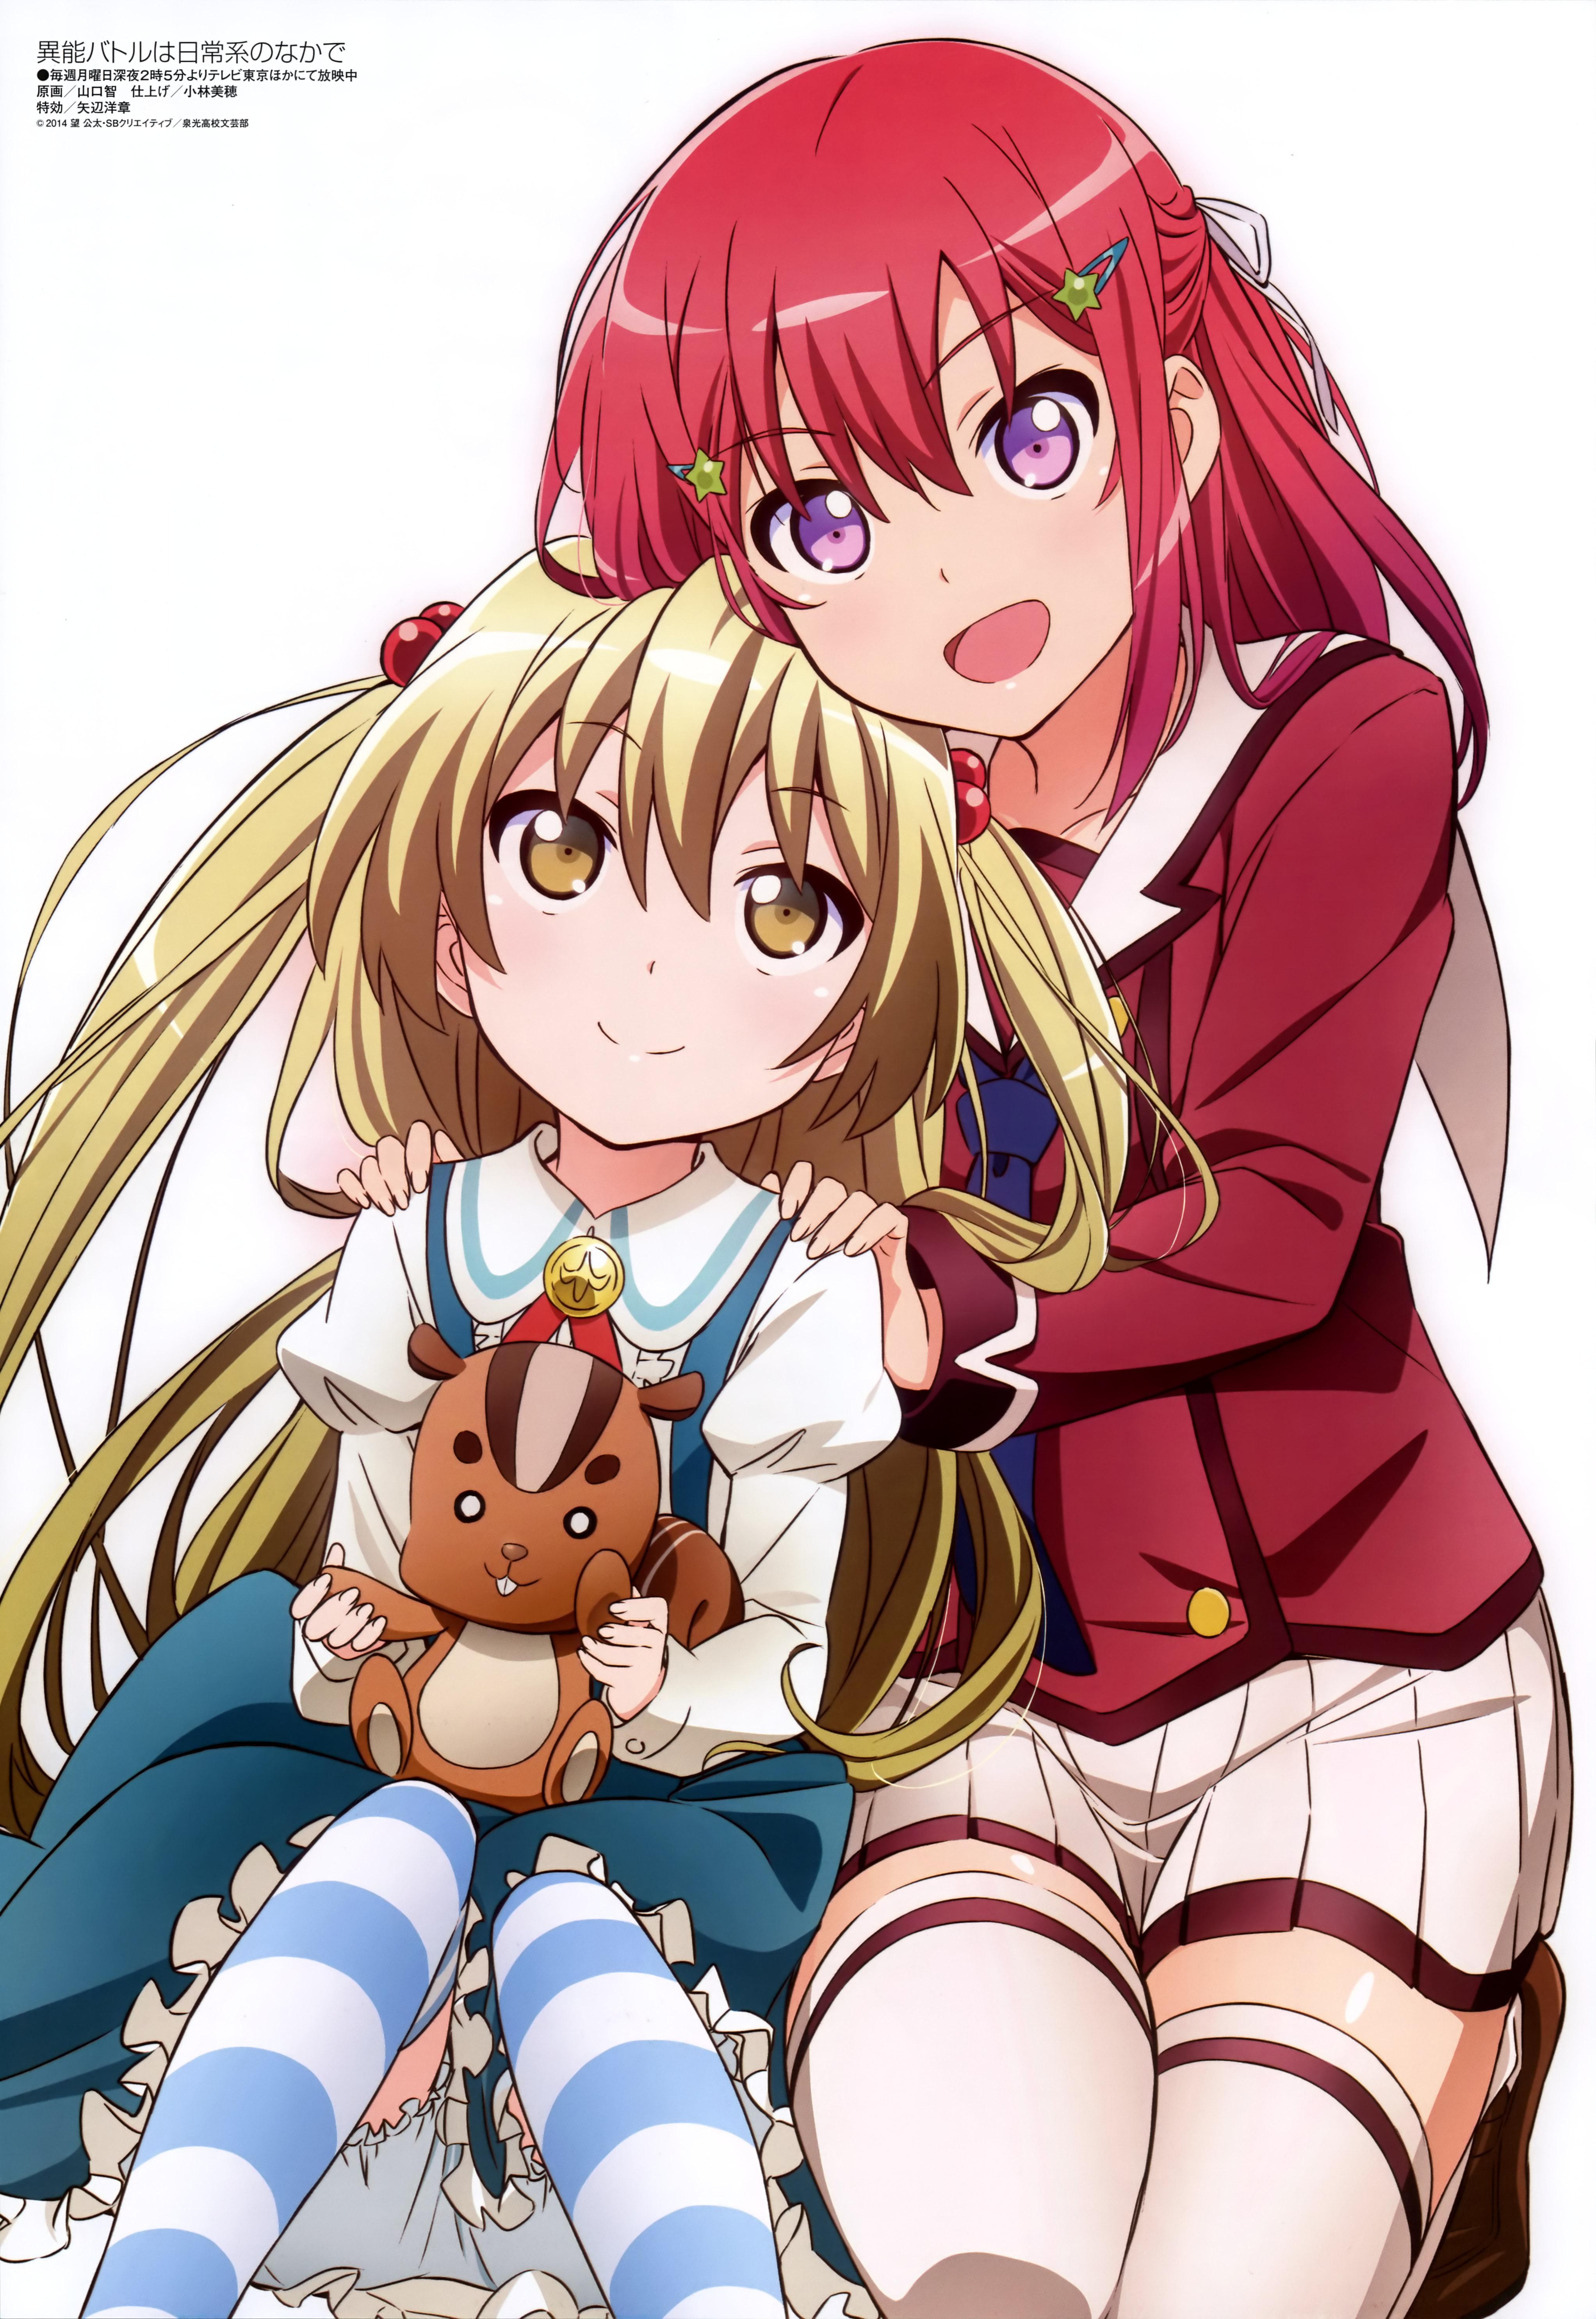 Haruhichan.com Megami MAGAZINE January 2015 anime posters bloomers dress himeki_chifuyu inou-battle_wa_nichijou-kei_no_naka_de kanzaki_tomoyo seifuku thighhighs yamaguchi_satoshi